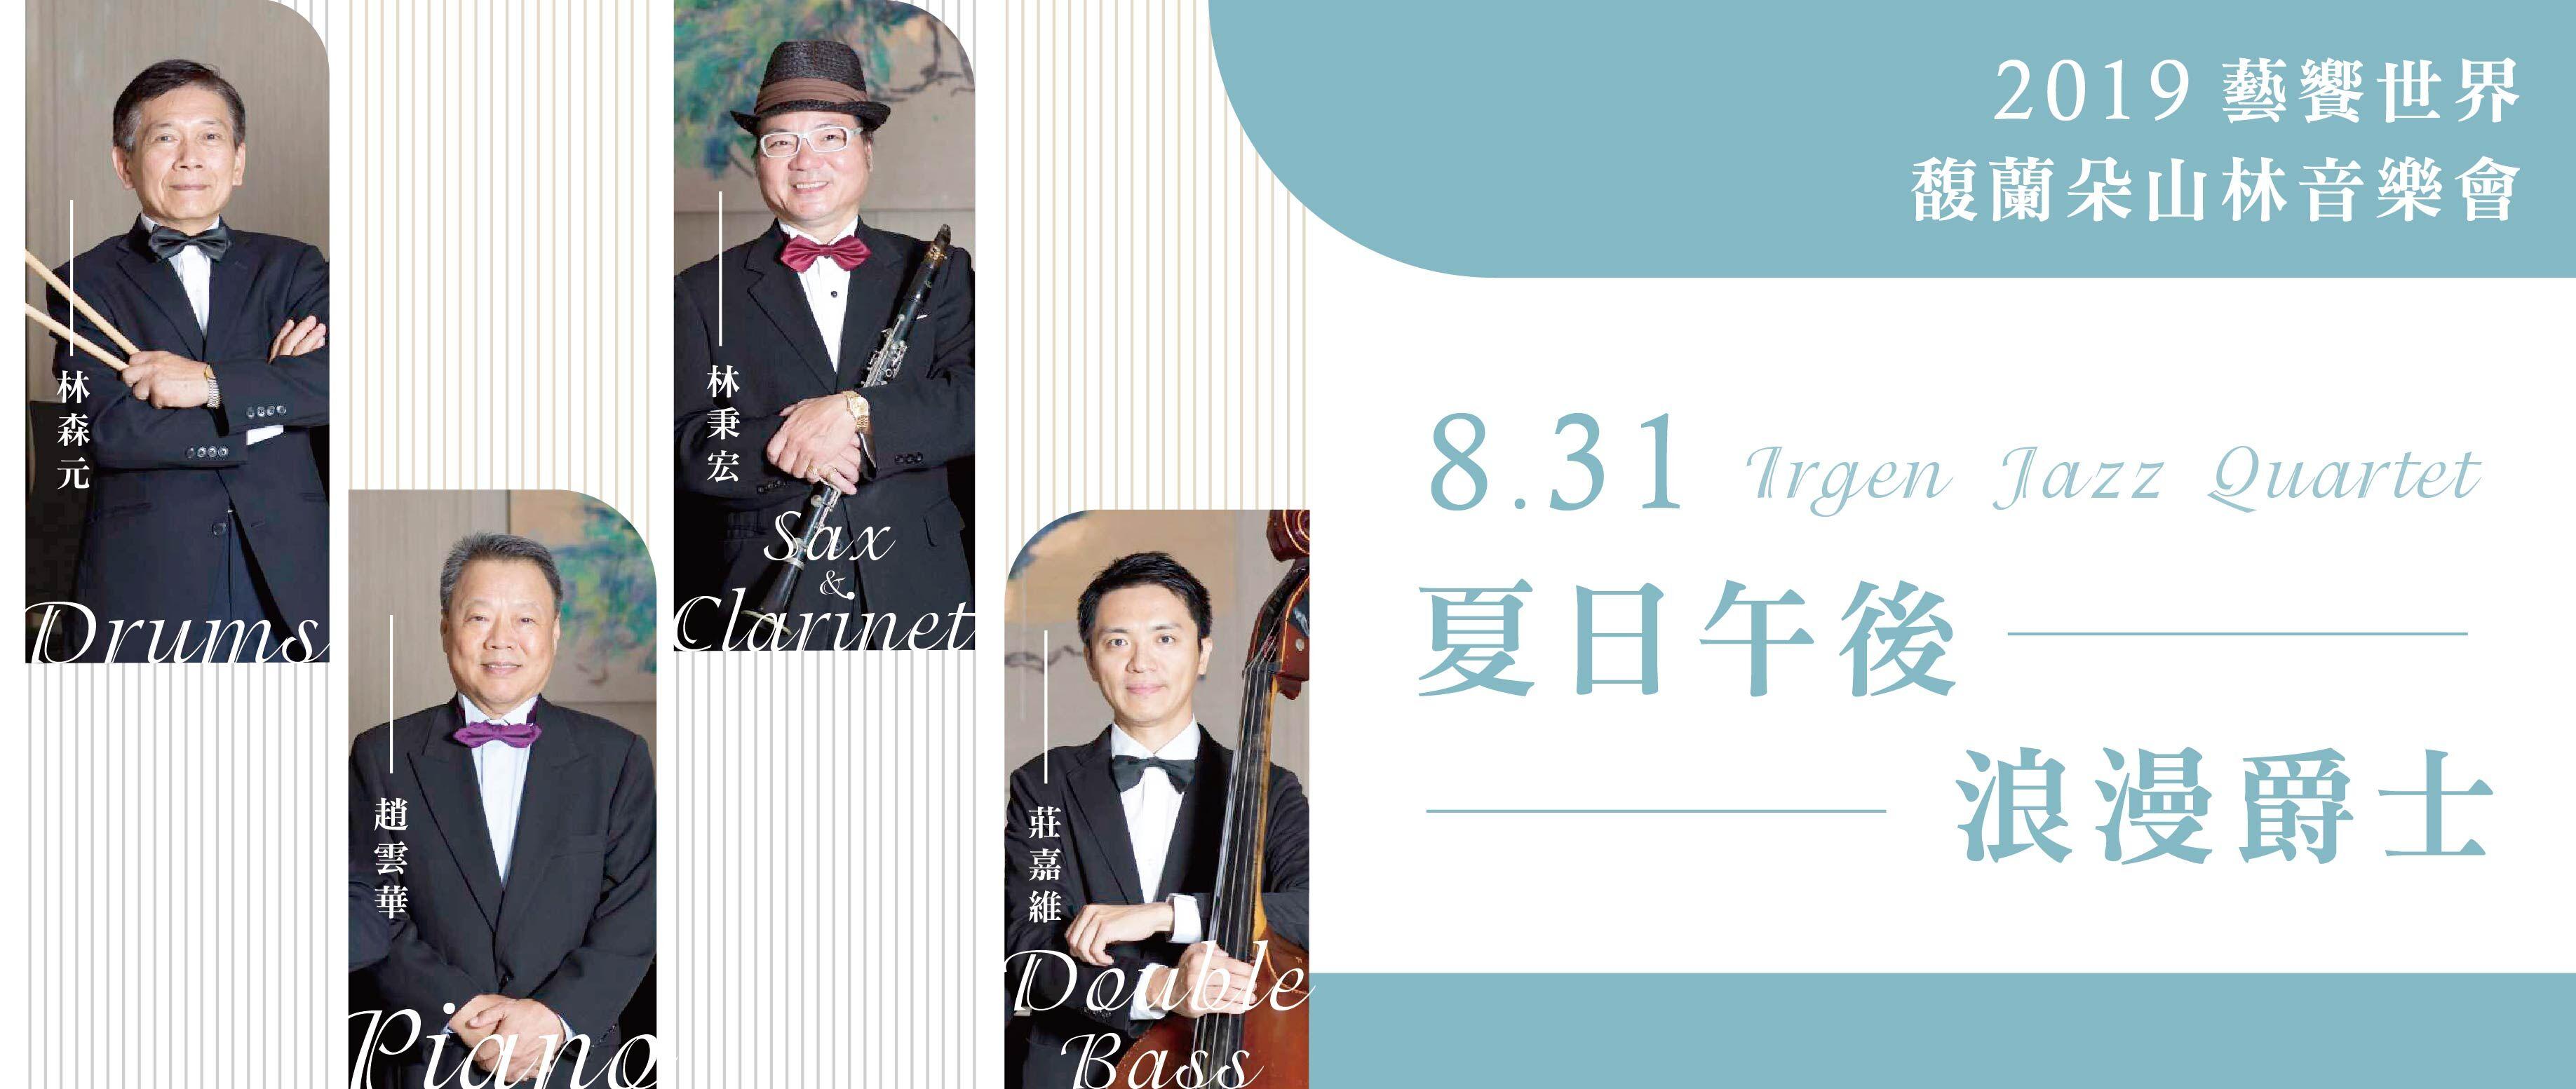 【馥蘭朵烏來音樂會】伊爾根爵士四重奏 – 夏日午後浪漫爵士